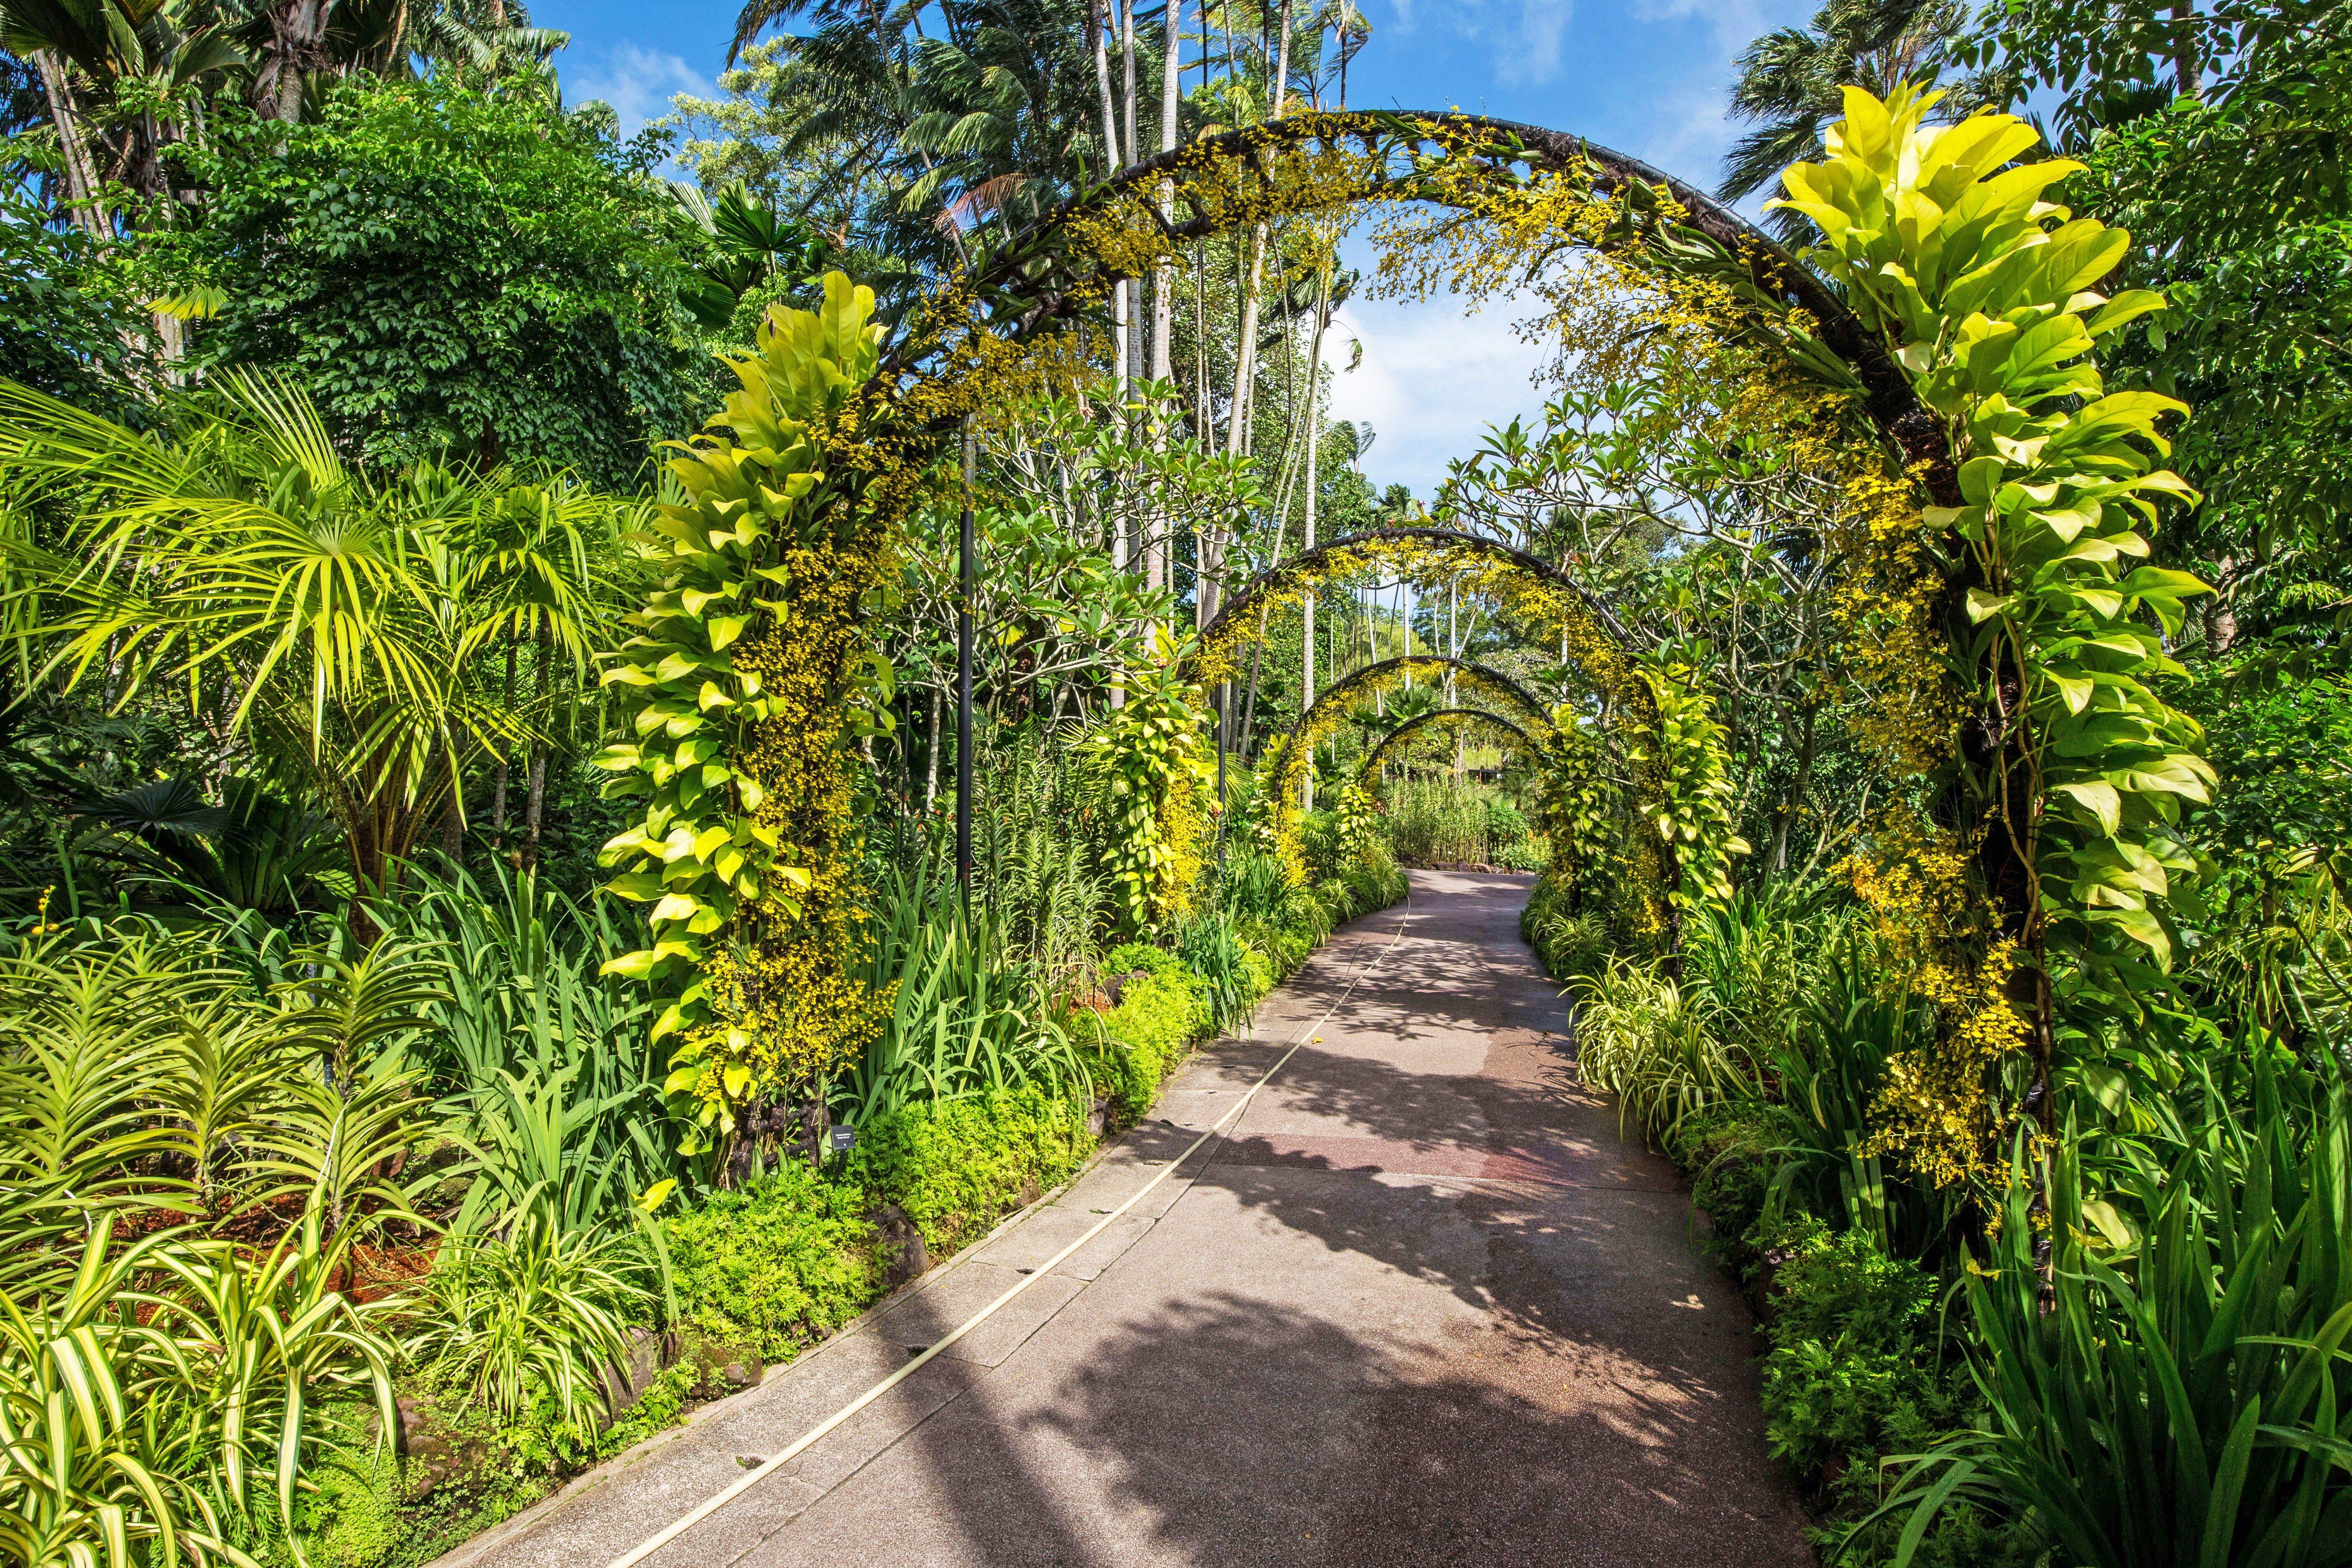 15 Breathtaking Botanical Gardens to Visit This Season